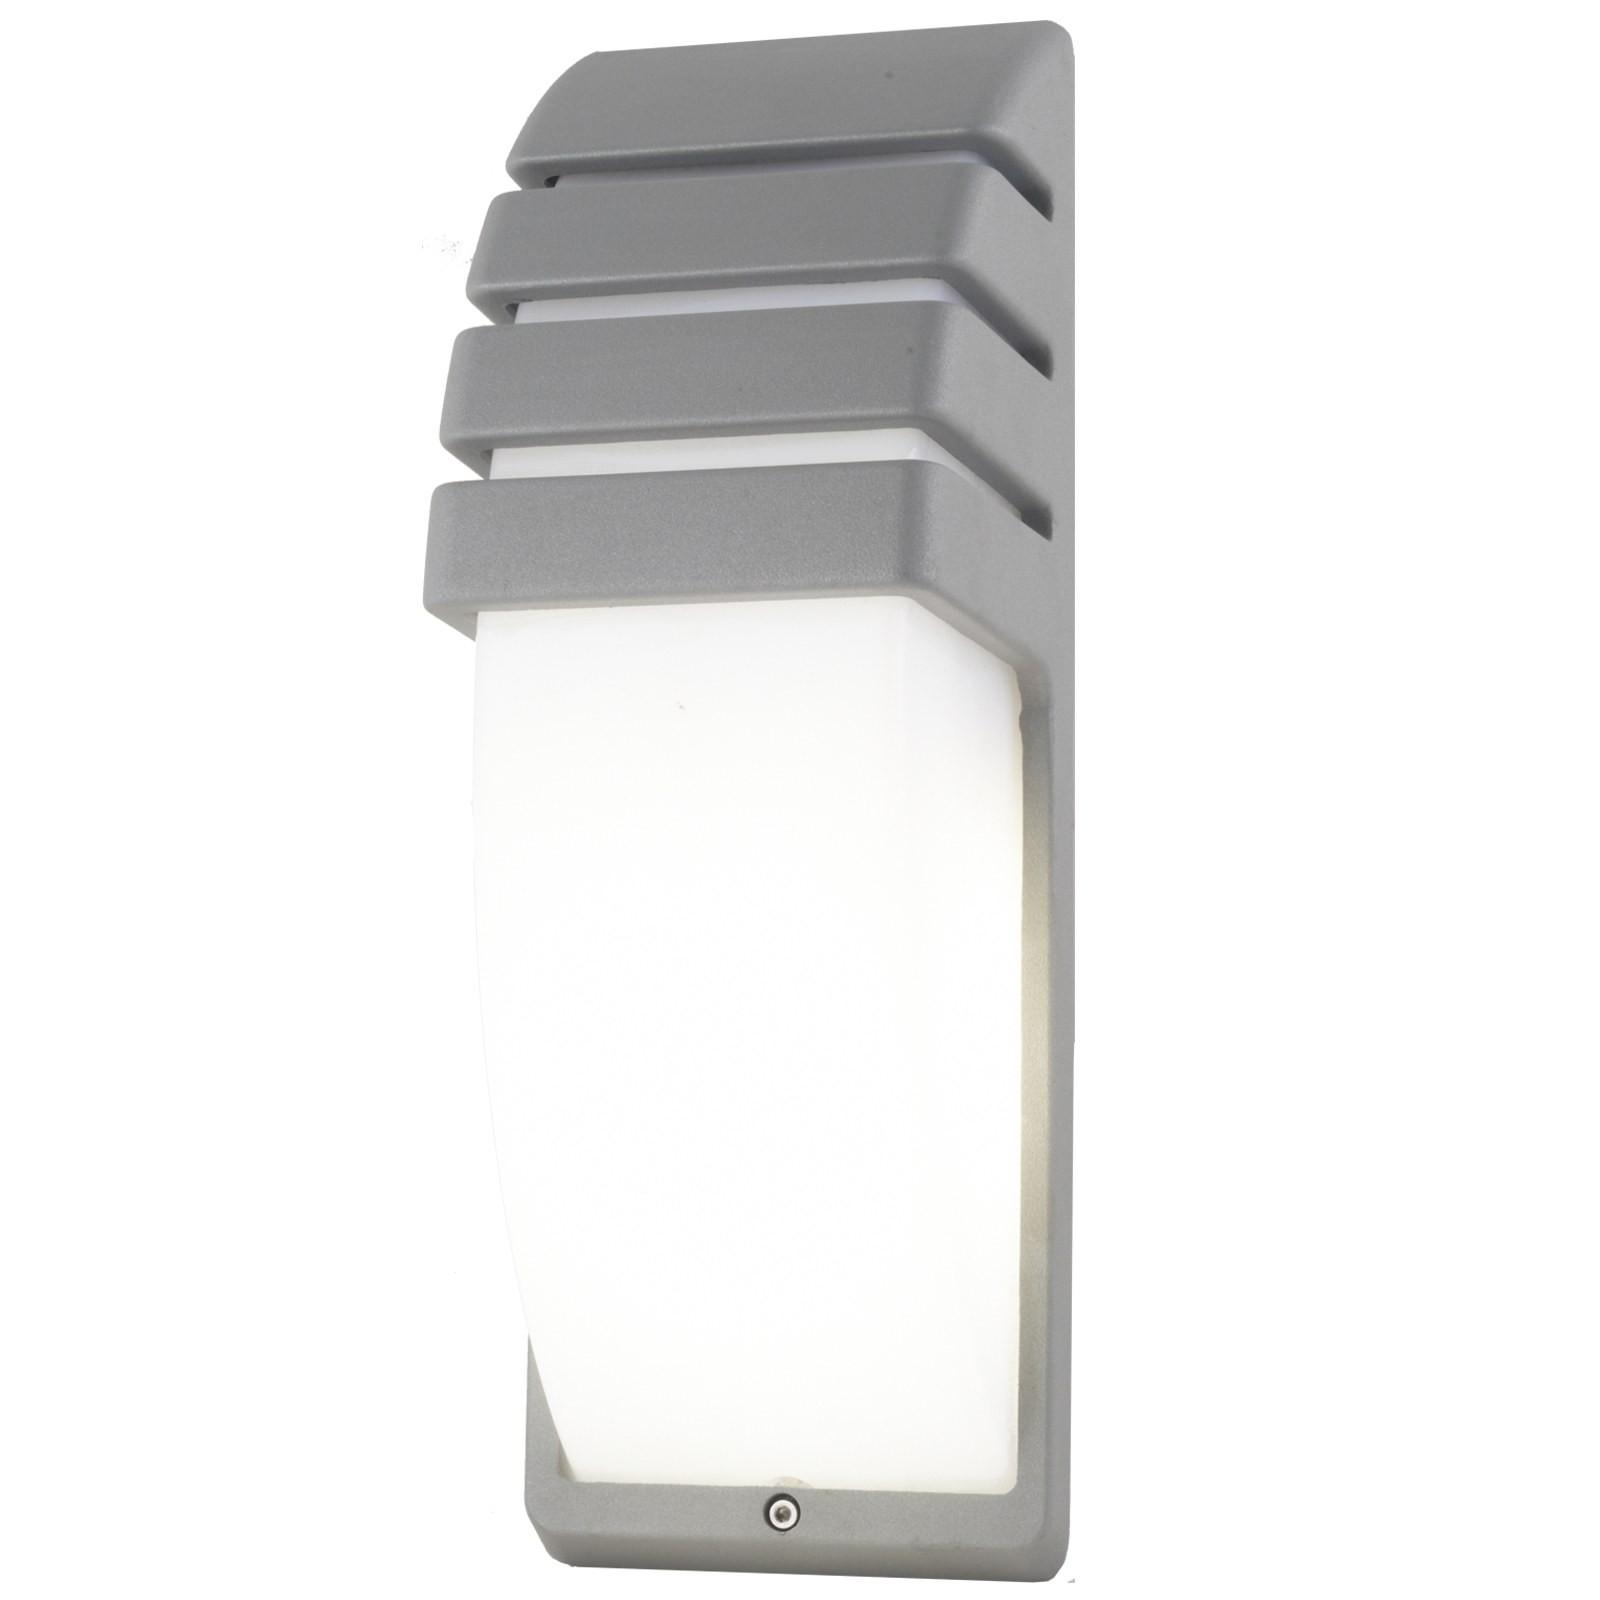 Lampada da esterno plafoniera applique led e27 parete for Lampadine led e27 da esterno